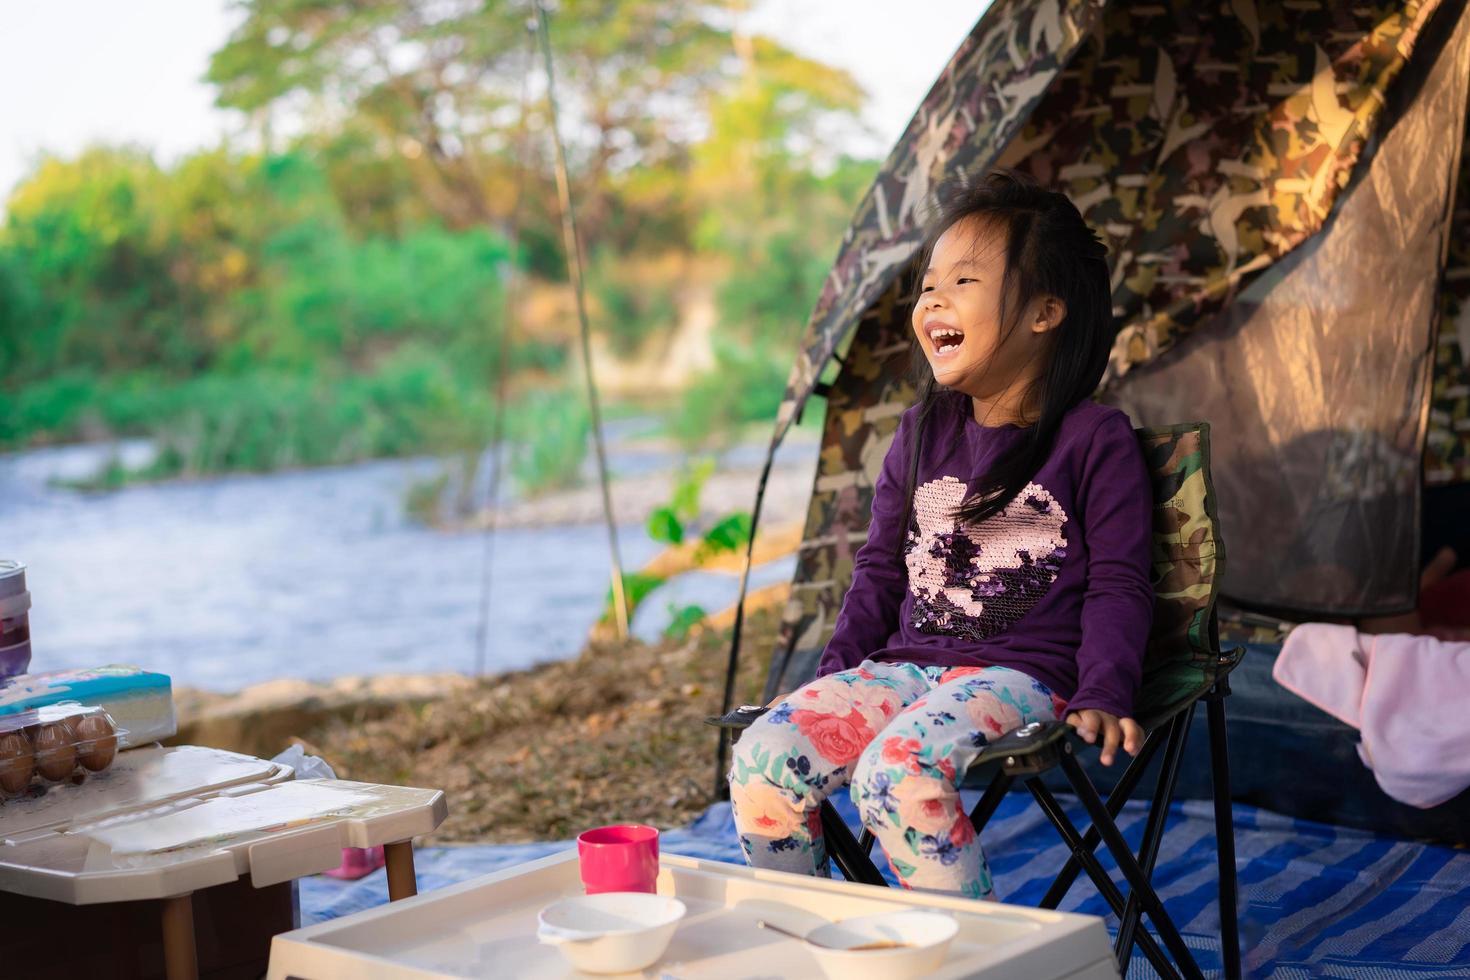 jeune fille, séance, à, a, camping, sourire photo